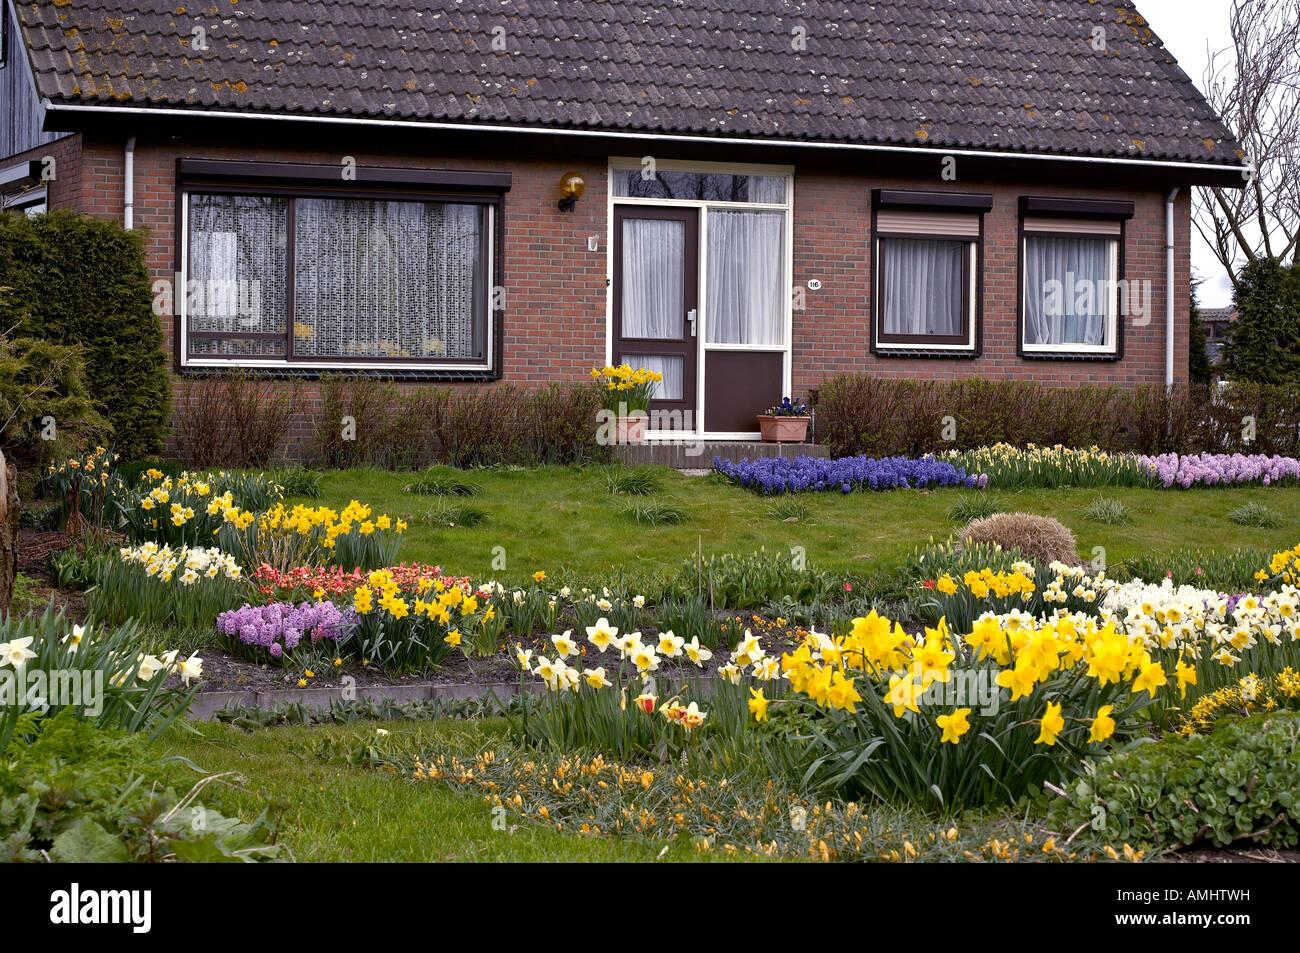 Dutch House With Flower Garden